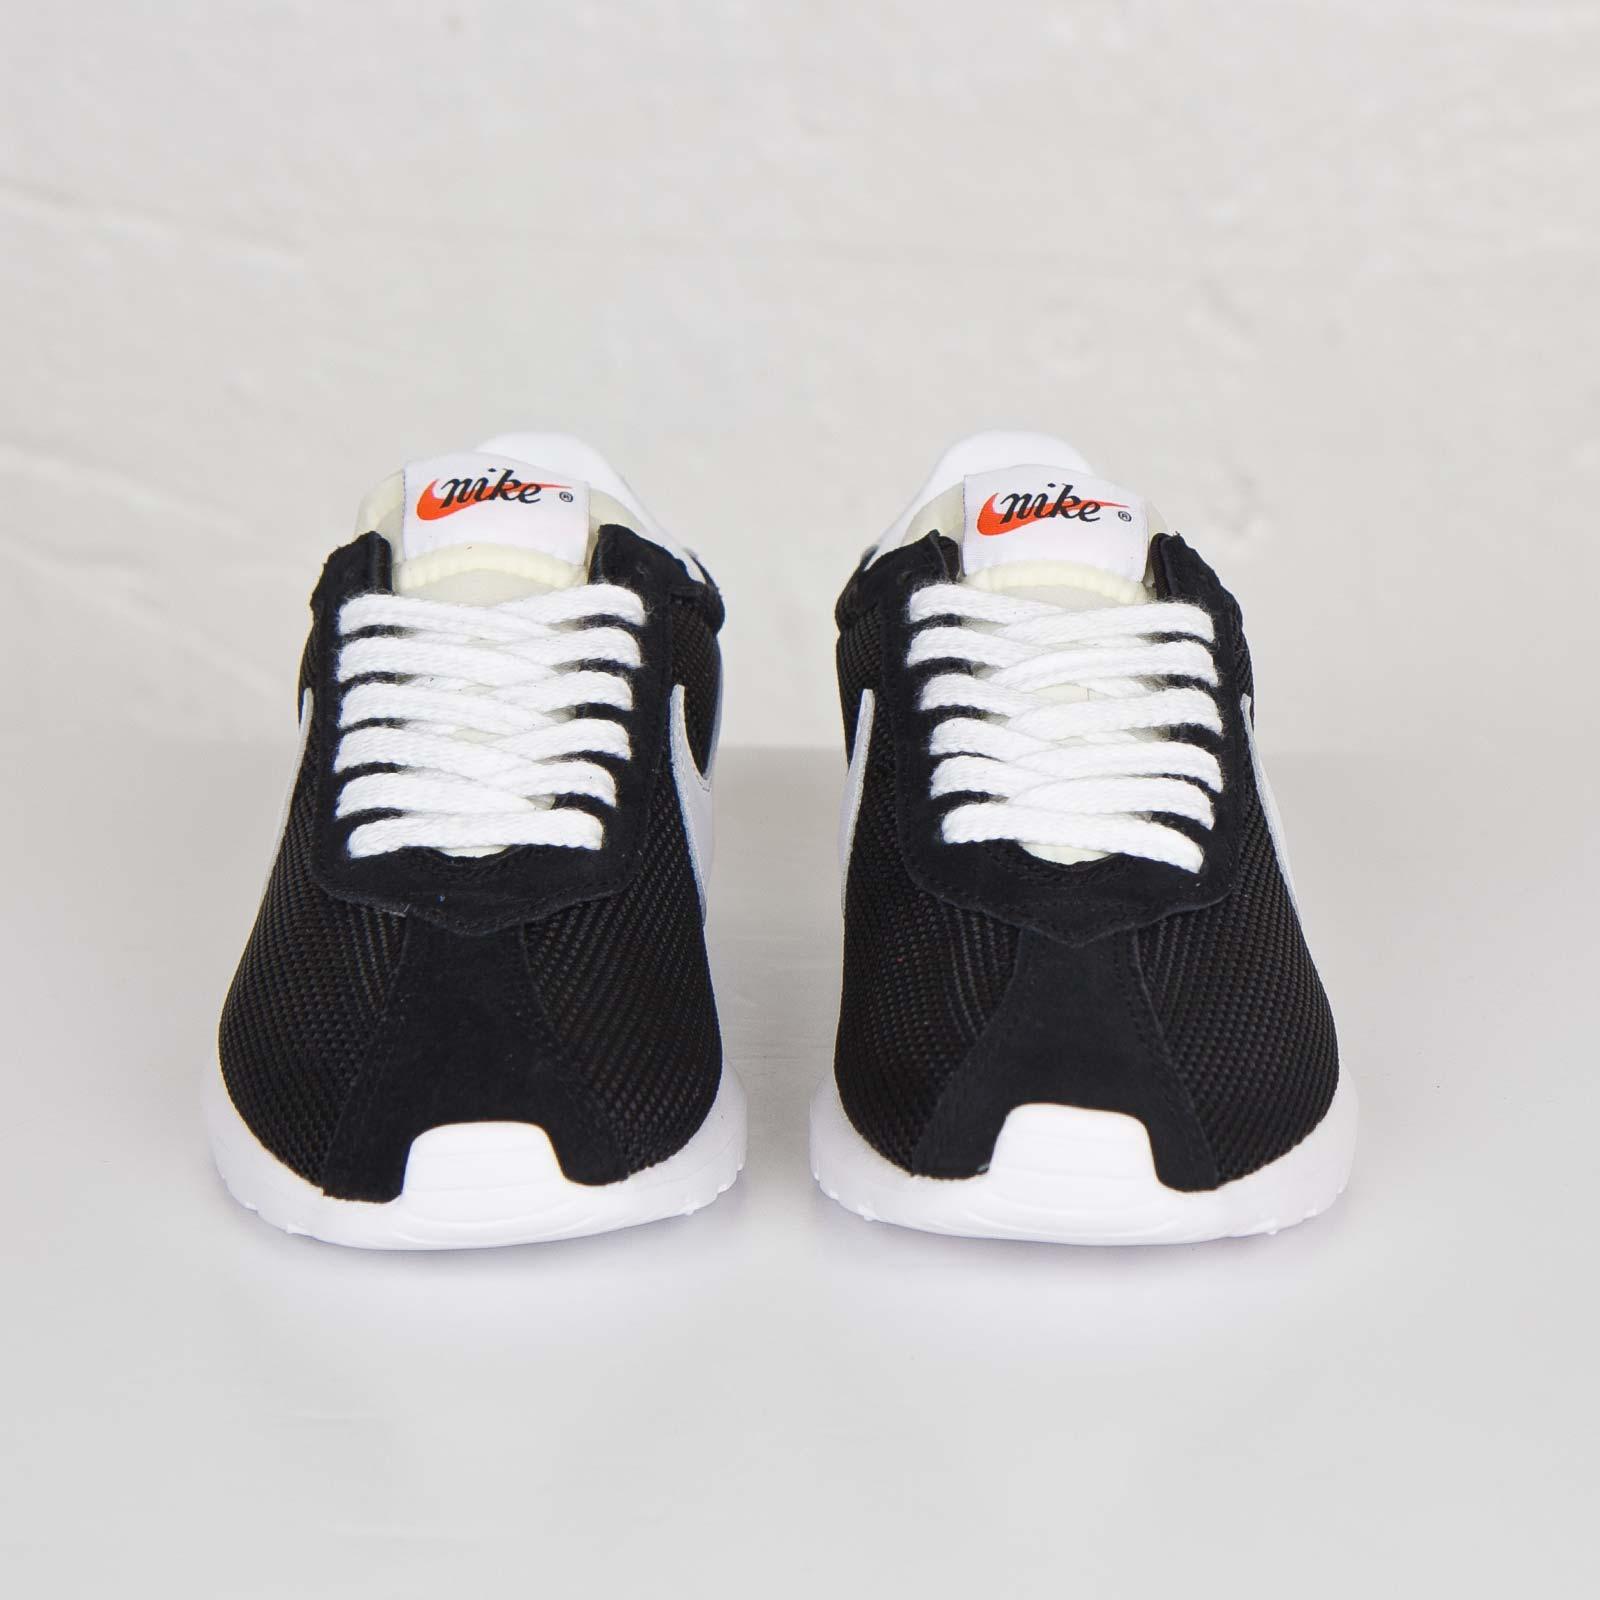 various colors 0ca22 265f7 Nike W Roshe LD-1000 QS - 810382-001 - Sneakersnstuff   sneakers    streetwear online since 1999